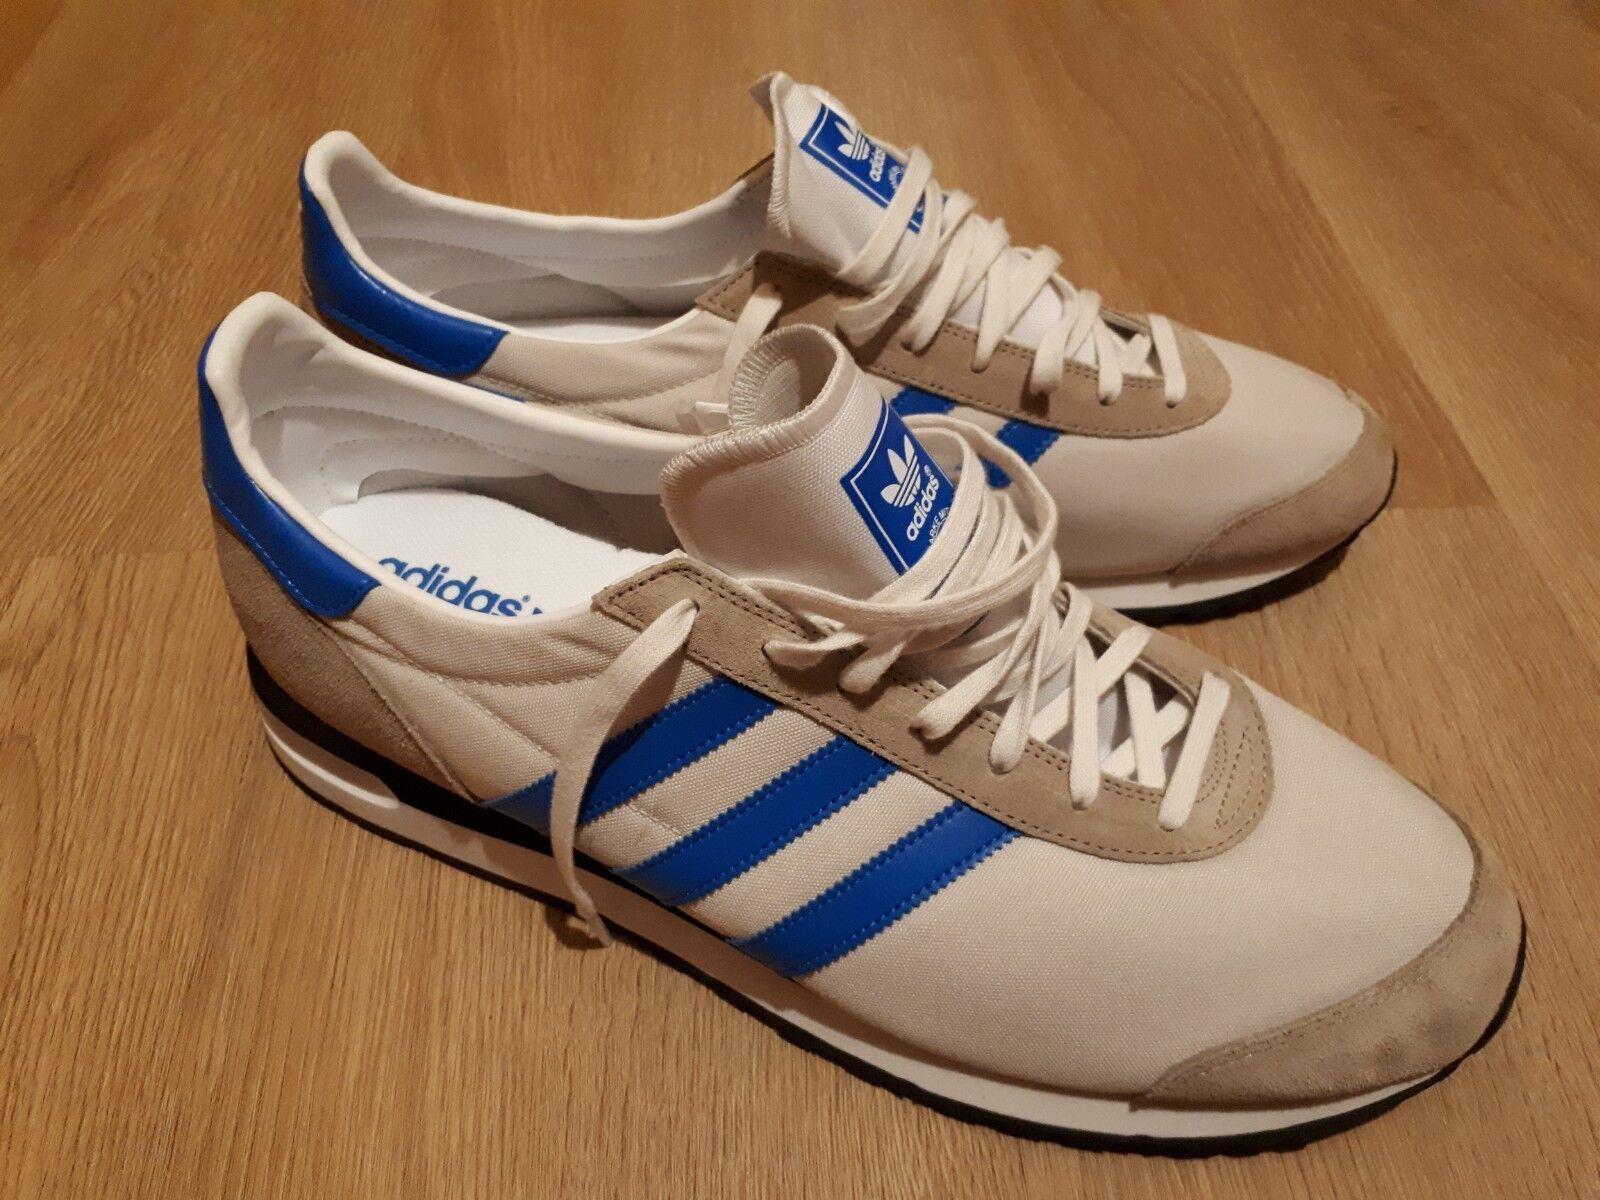 Nuevo Originals adidas maratón 85 zapatos caballero zapatos casual zapatillas Men zapatos